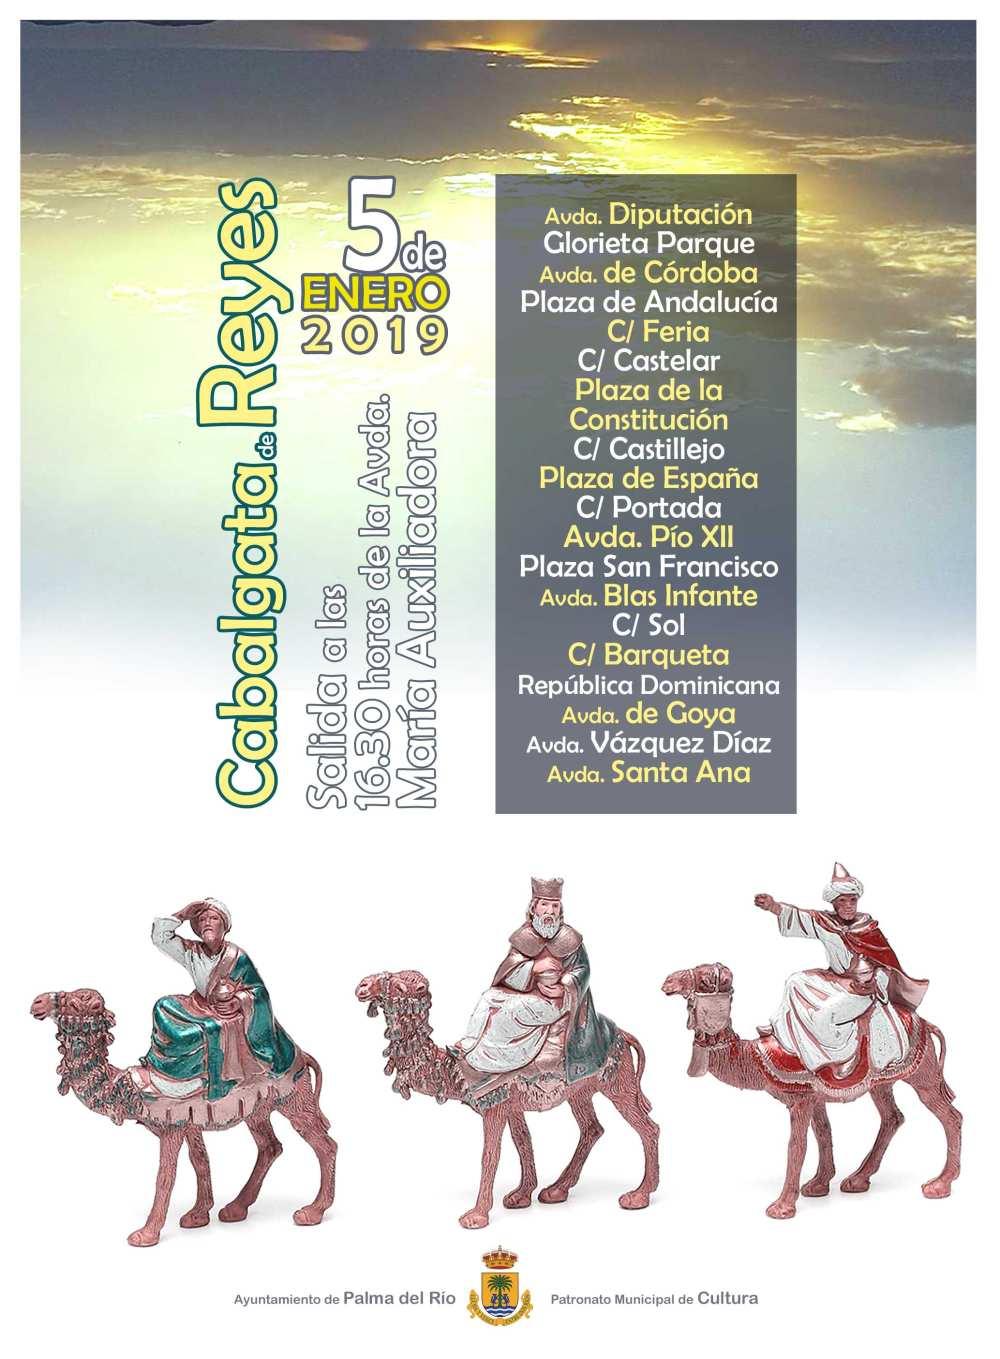 https://www.palmadelrio.es/sites/default/files/web-cartel-reyes-2019.jpg